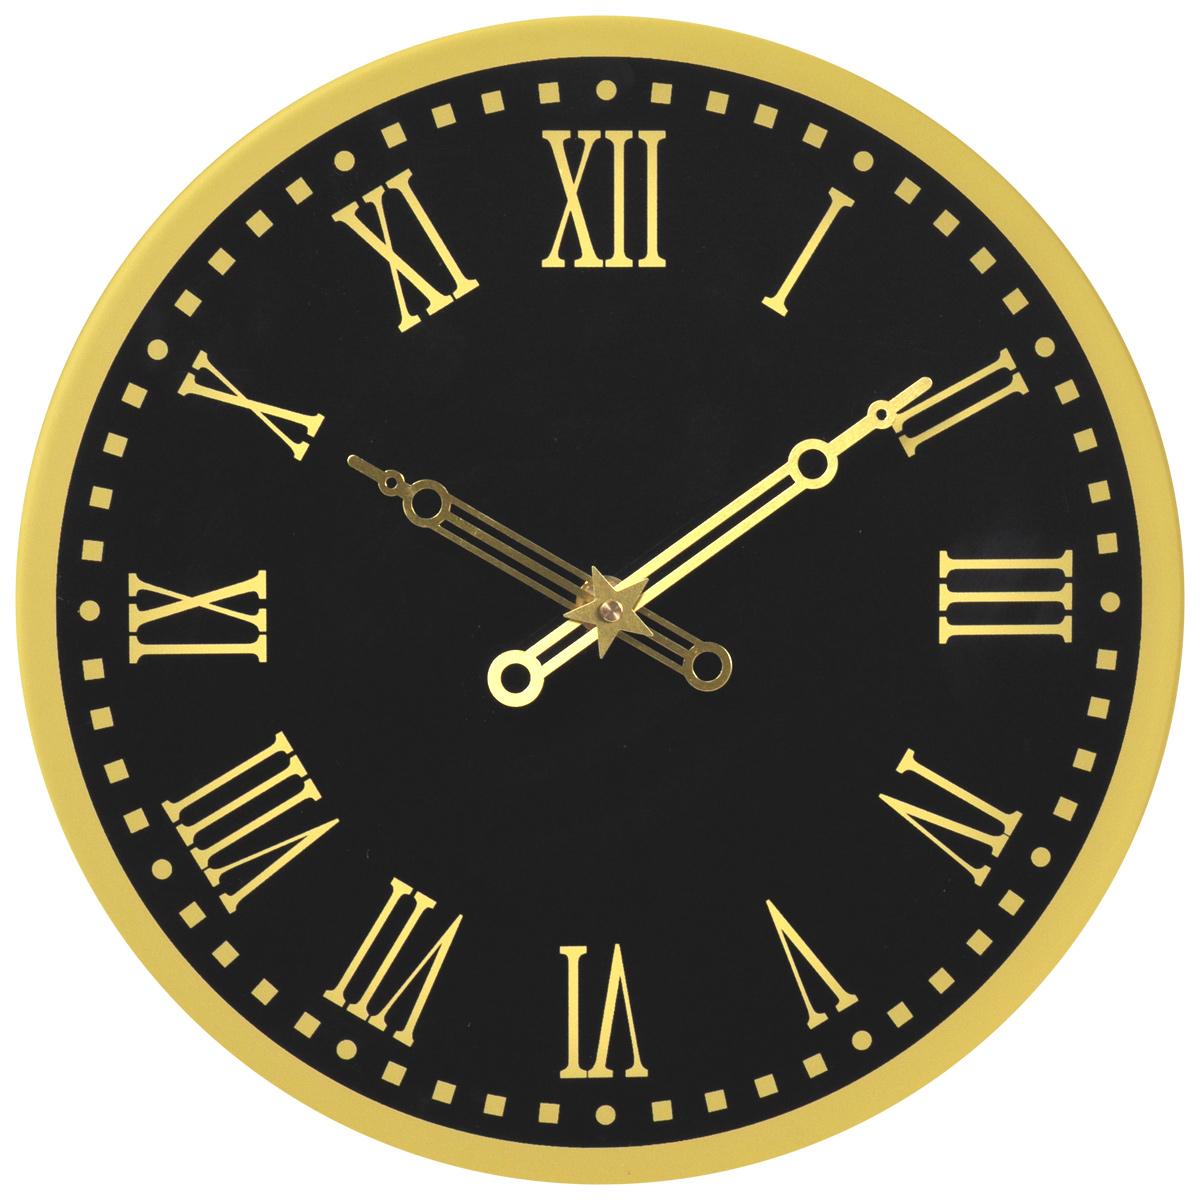 Часы настенные Куранты, стеклянные. 96010300074_ежевикаОригинальные настенные часы Куранты круглой формы выполнены из стекла и оформлены изображением римских цифр. Часы имеют три стрелки - часовую, минутную и секундную. Циферблат часов не защищен. Необычное дизайнерское решение и качество исполнения придутся по вкусу каждому.Оформите совой дом таким интерьерным аксессуаром или преподнесите его в качестве презента друзьям, и они оценят ваш оригинальный вкус и неординарность подарка.